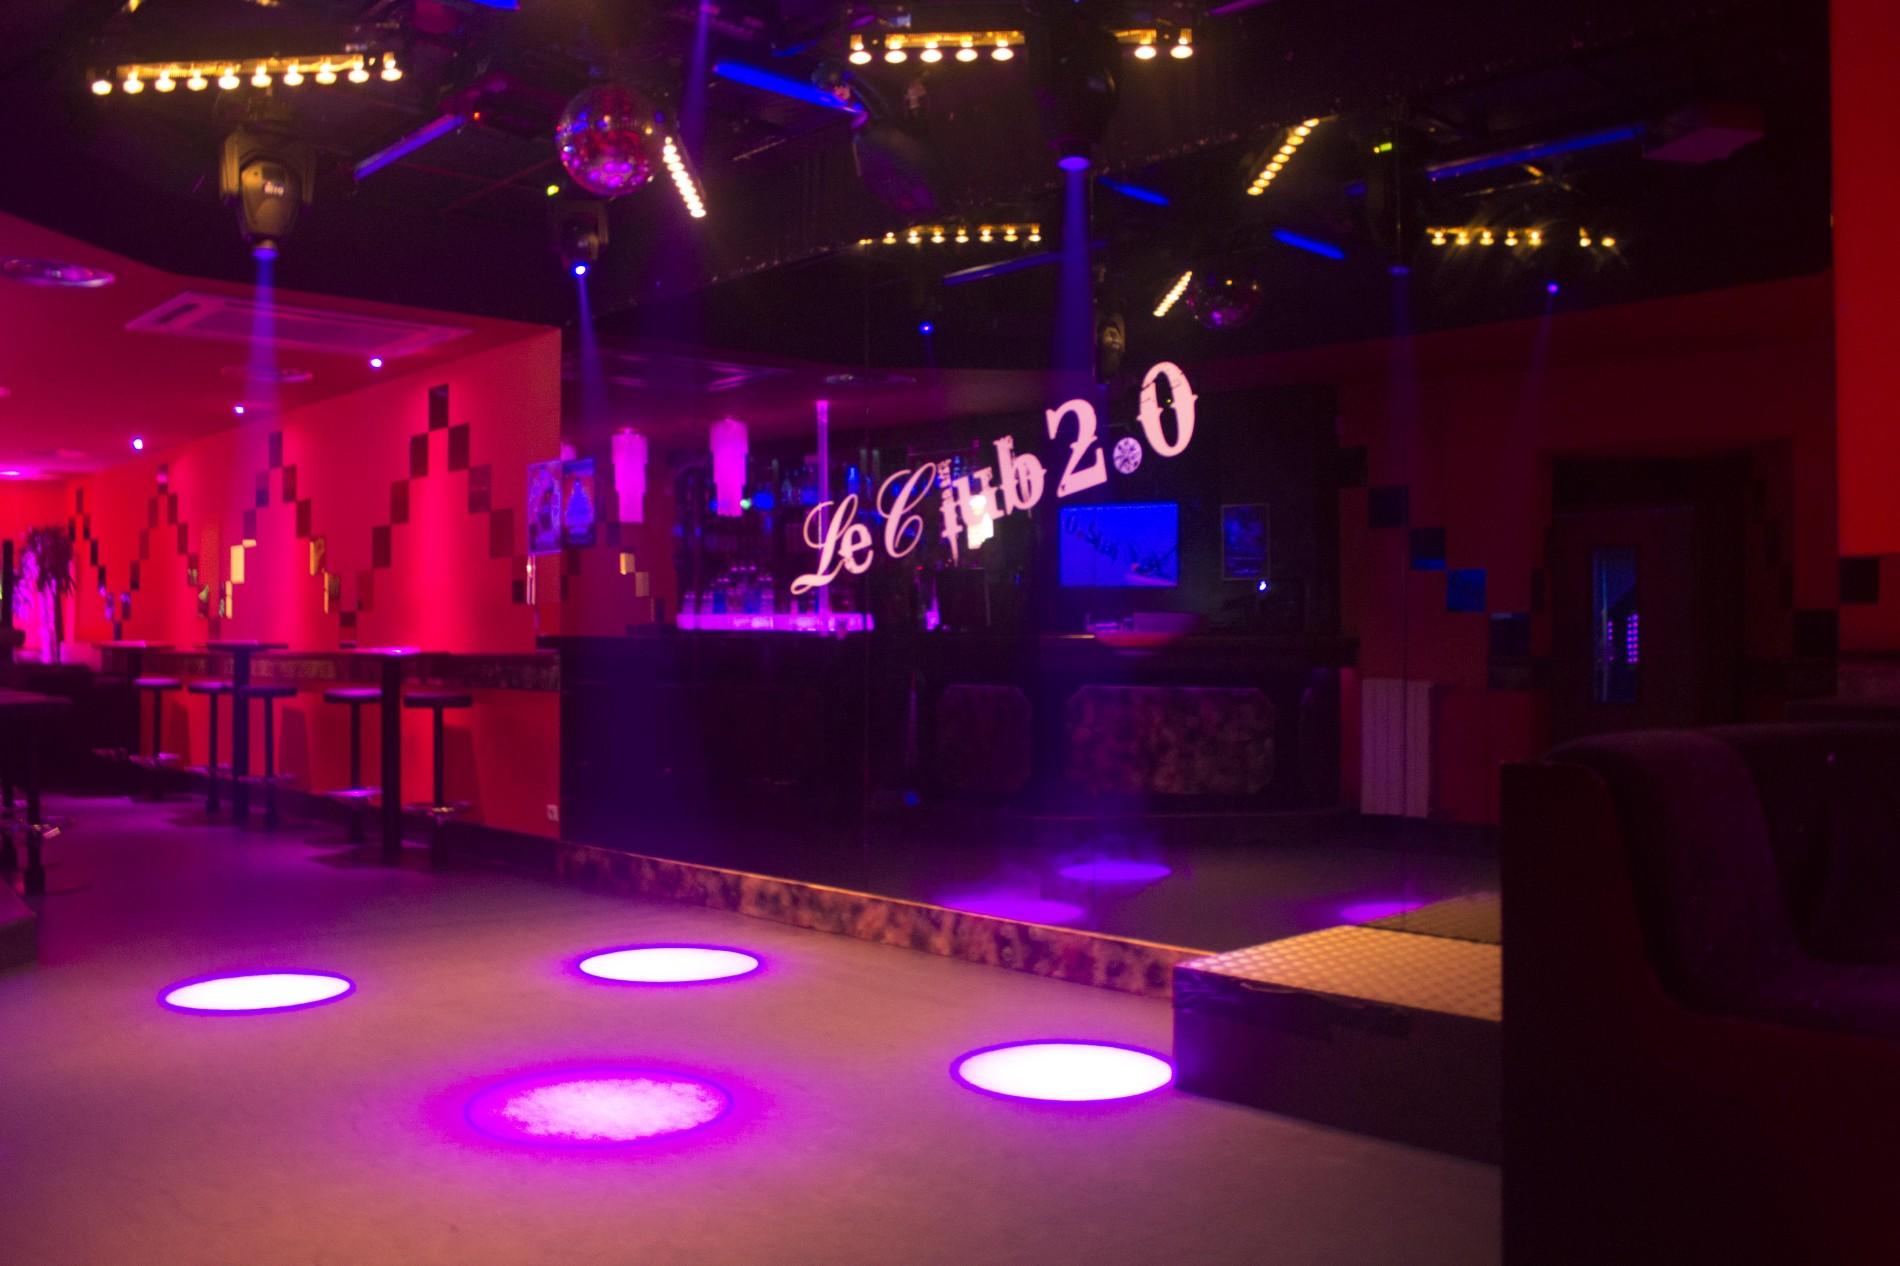 Le Club 2.0